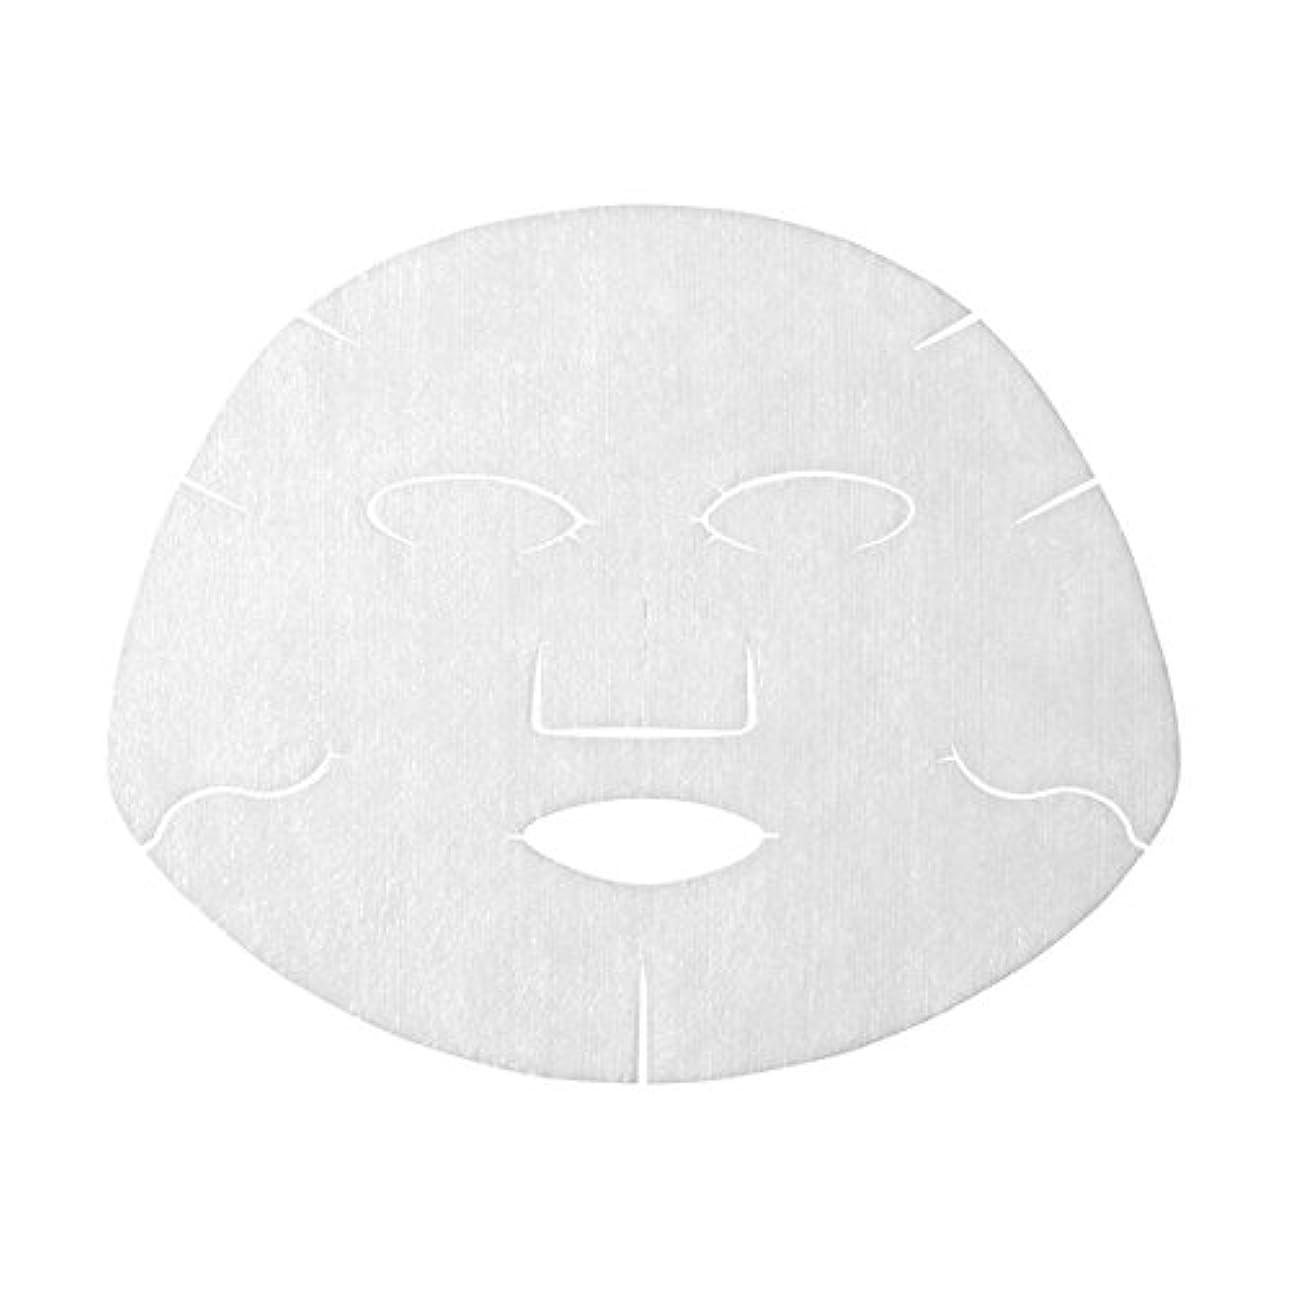 ペチュランス黒板自発アクアレーベル モイストチャージマスク <1枚入り> 23mLX1枚